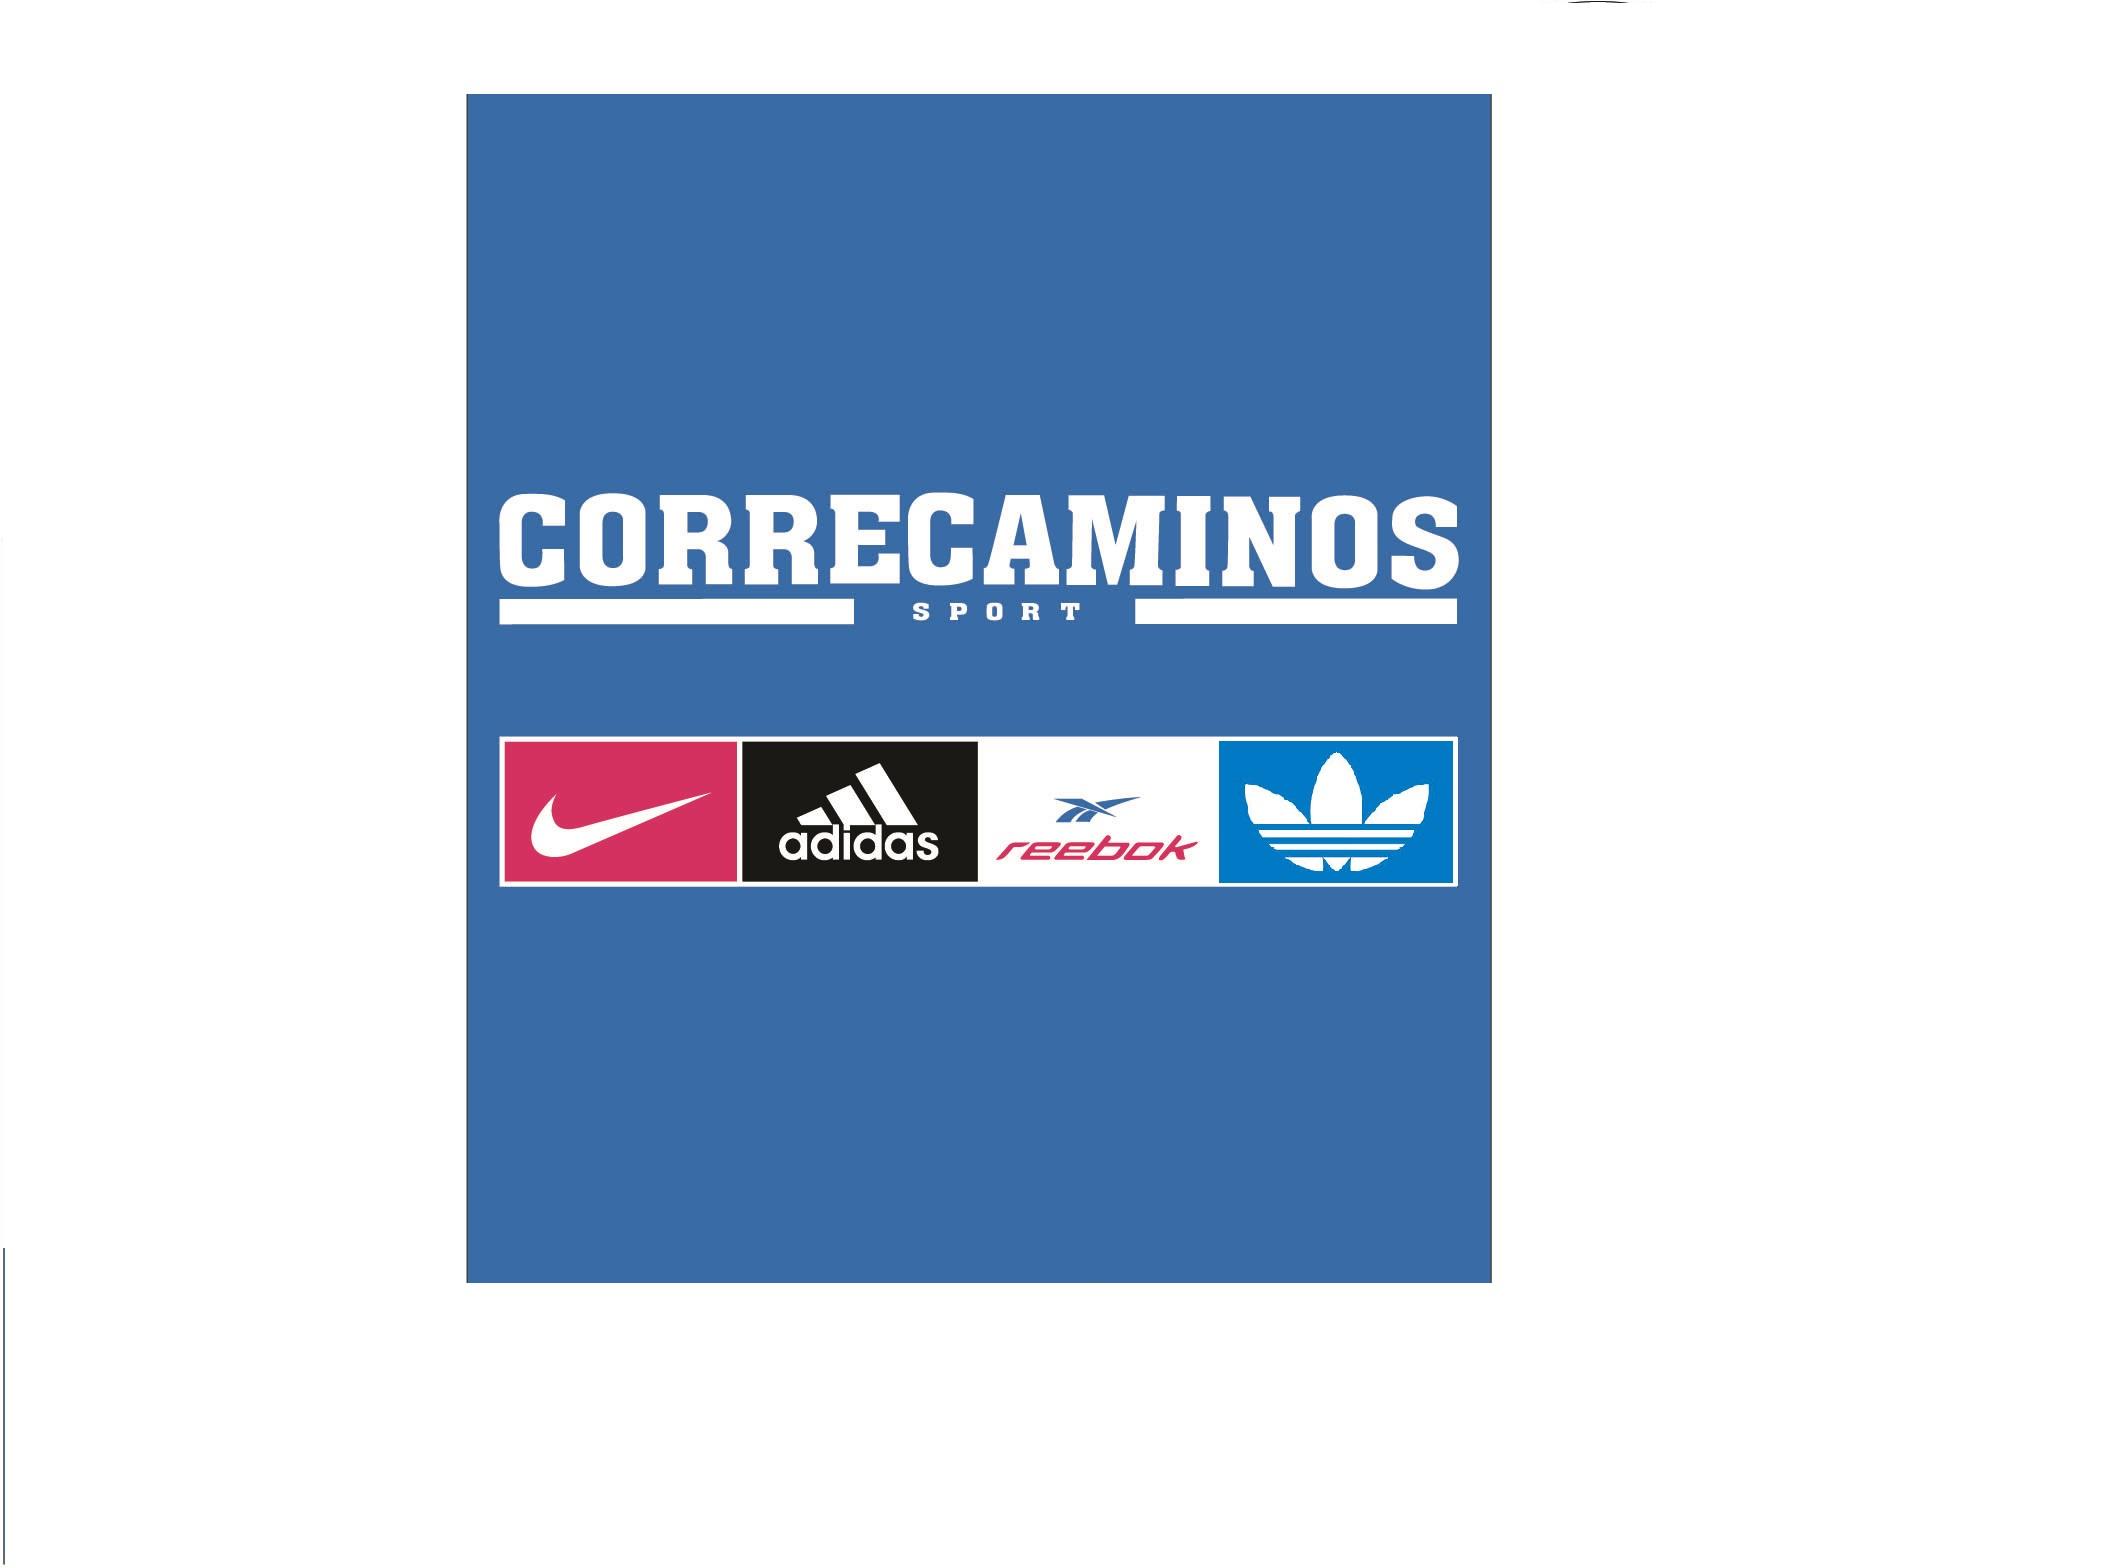 Sport En Clubs tienda Especializada Correcaminos Fútbol Y RqBwRd4